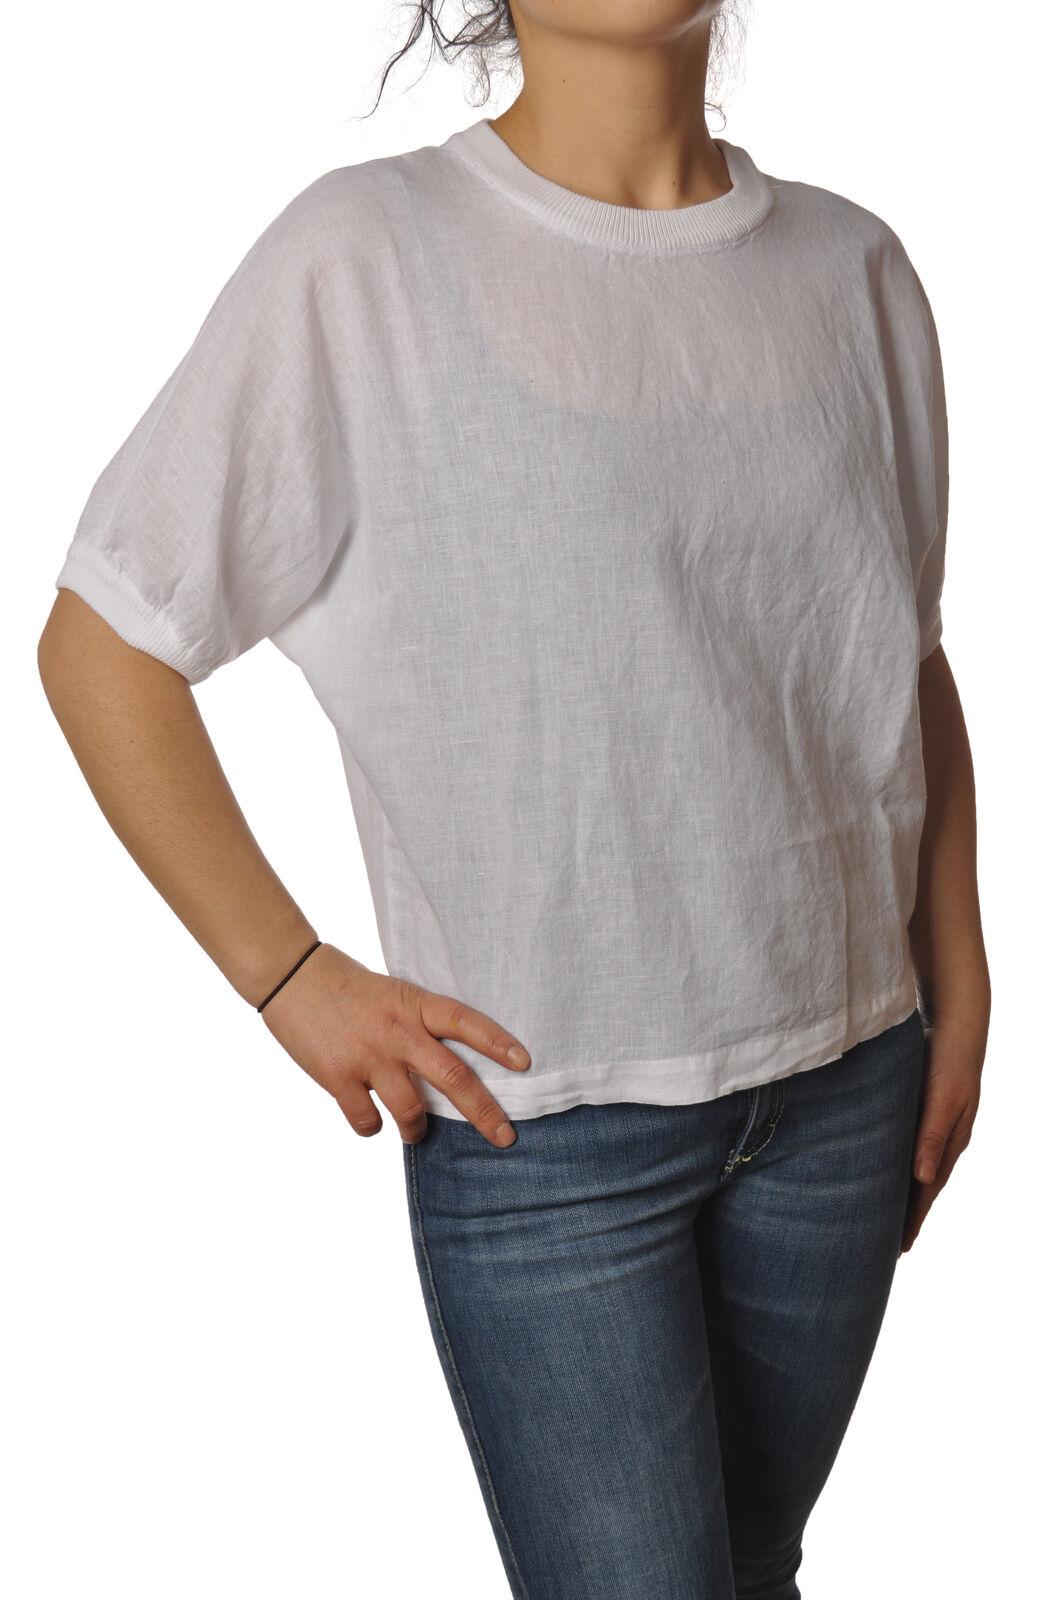 Ottod'ame - Shirts-Shirt - Woman - Weiß - 6117126C191311